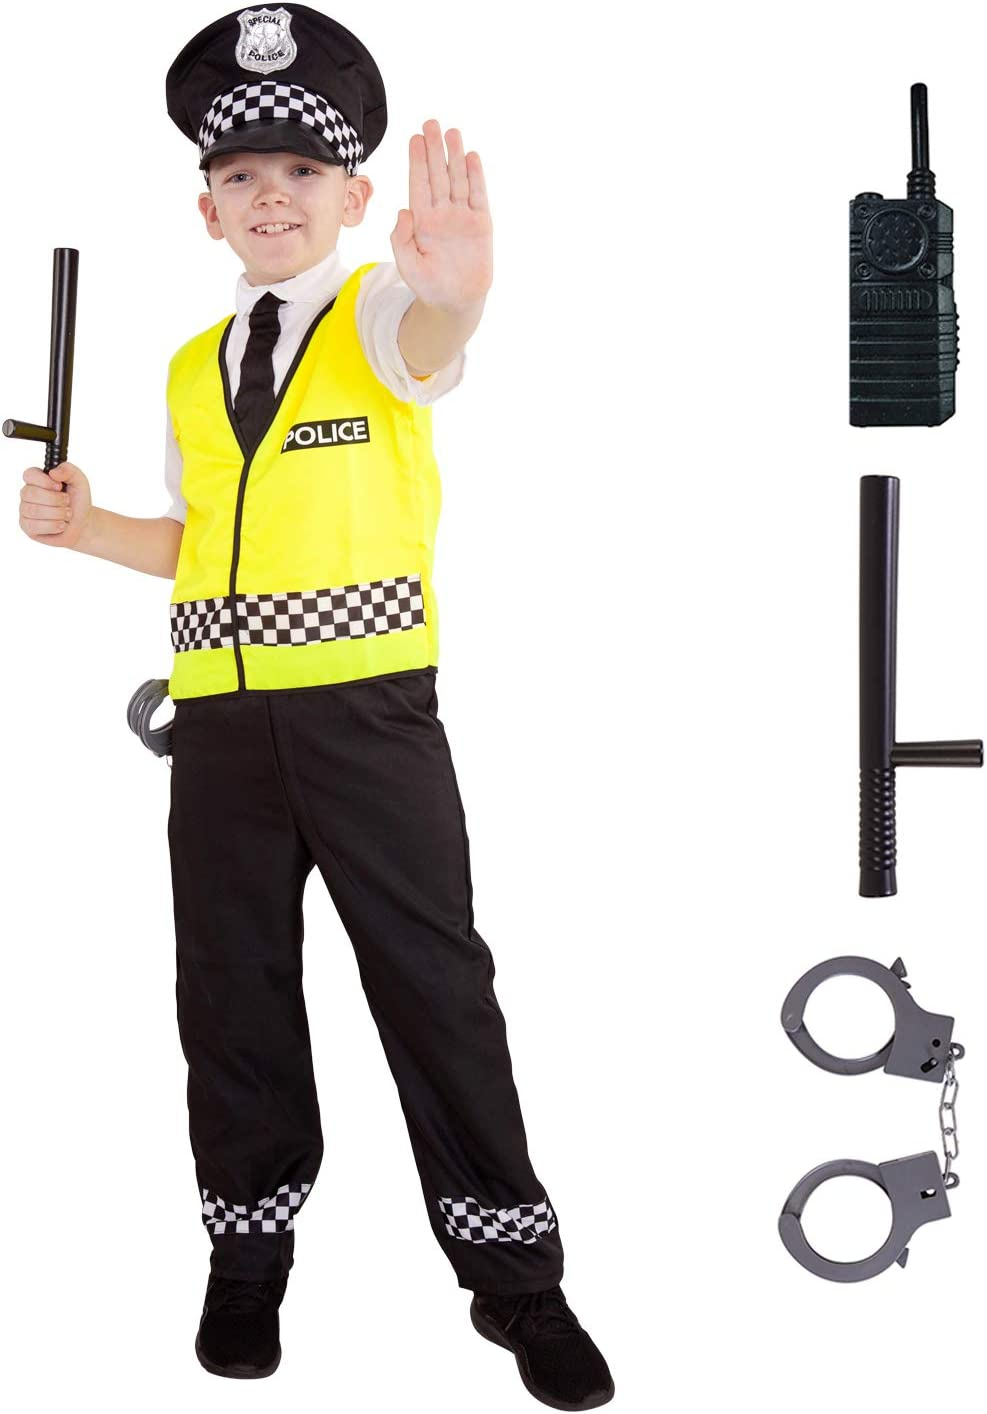 Morph Disfraz de policía de niños Disfrazado de Uniforme de ...